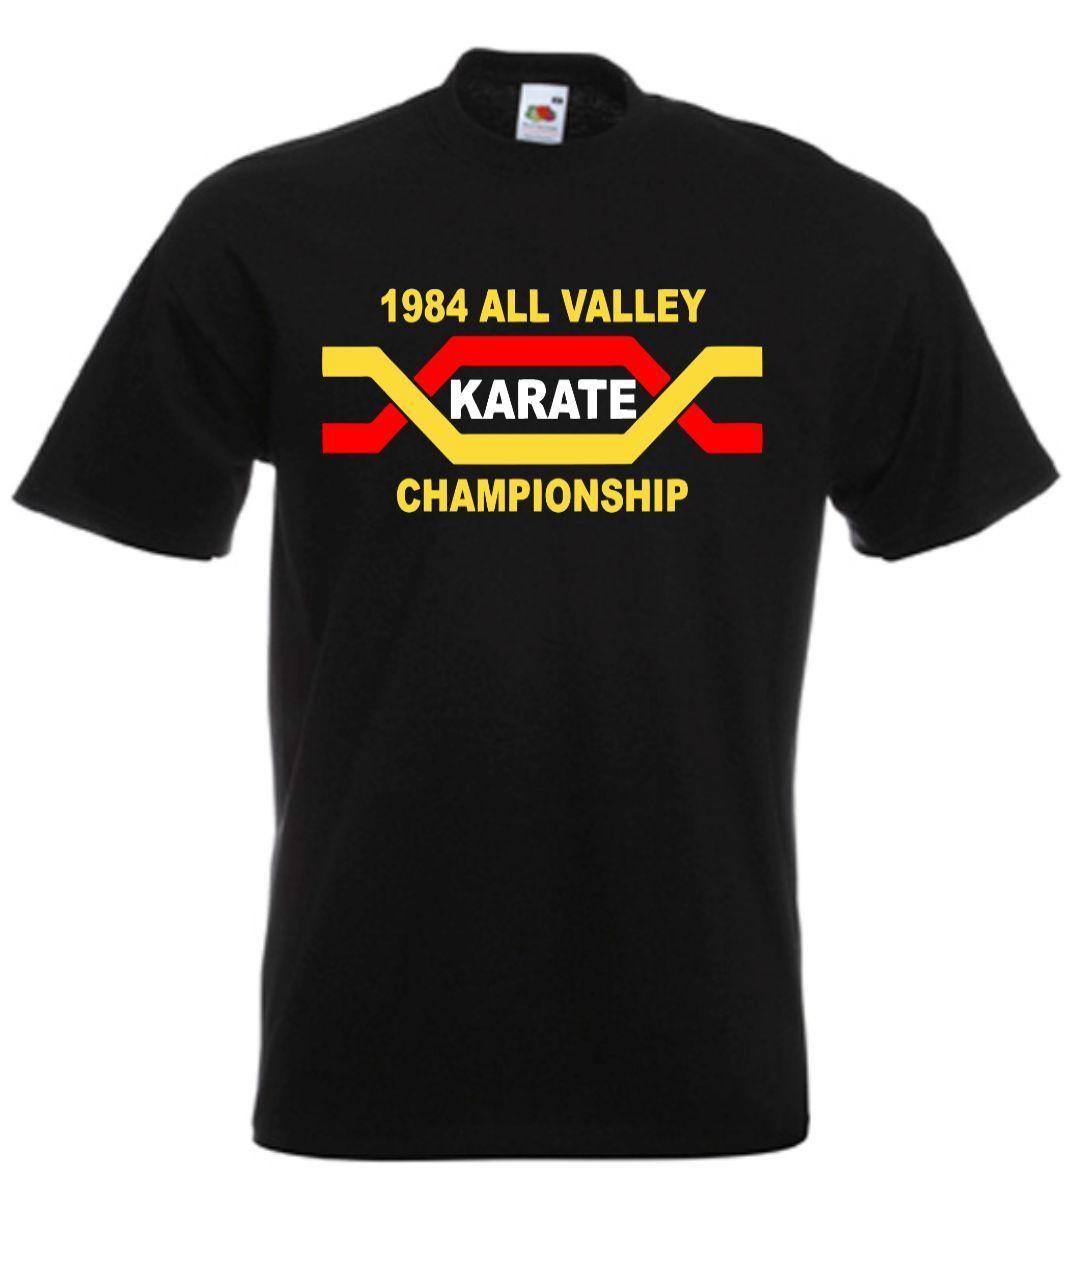 Каратэ малыш все долины каратэ чемпионата ретро фильм футболка оригинальные топы новинка